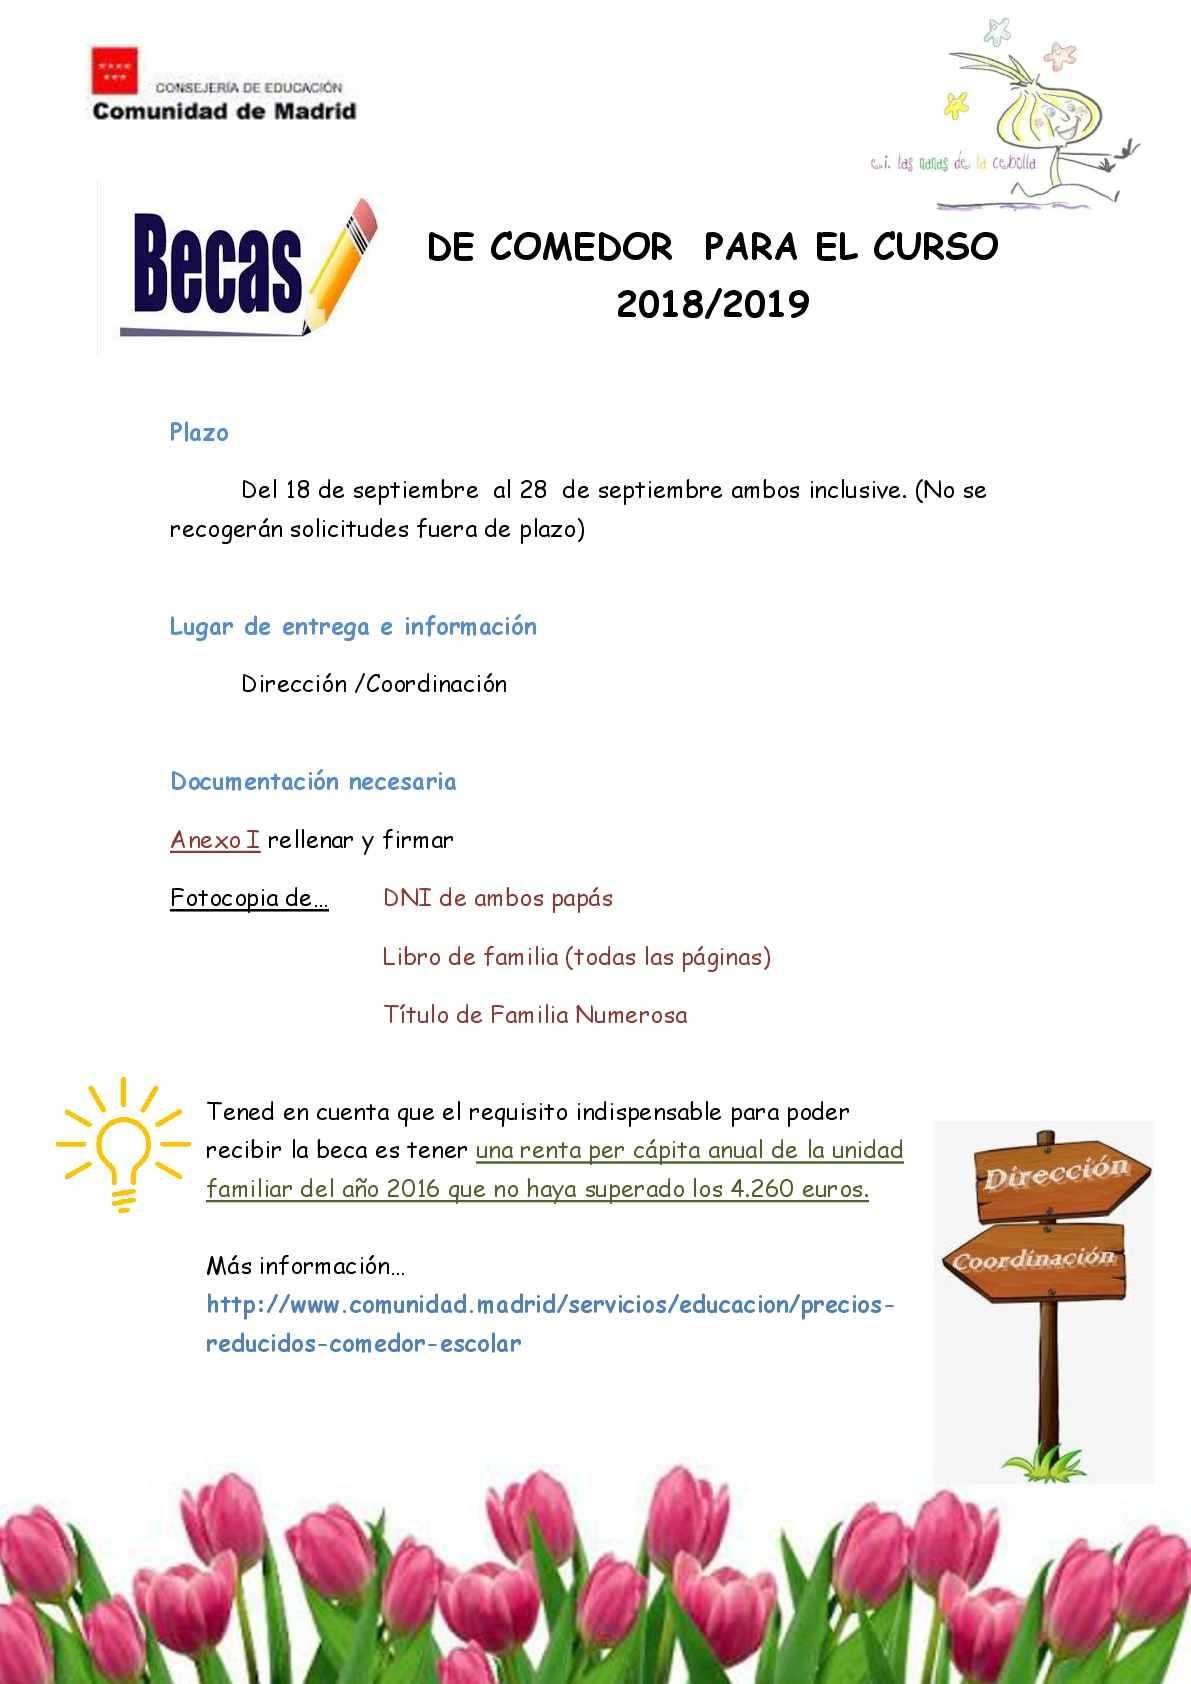 Información sobre becas de comedor